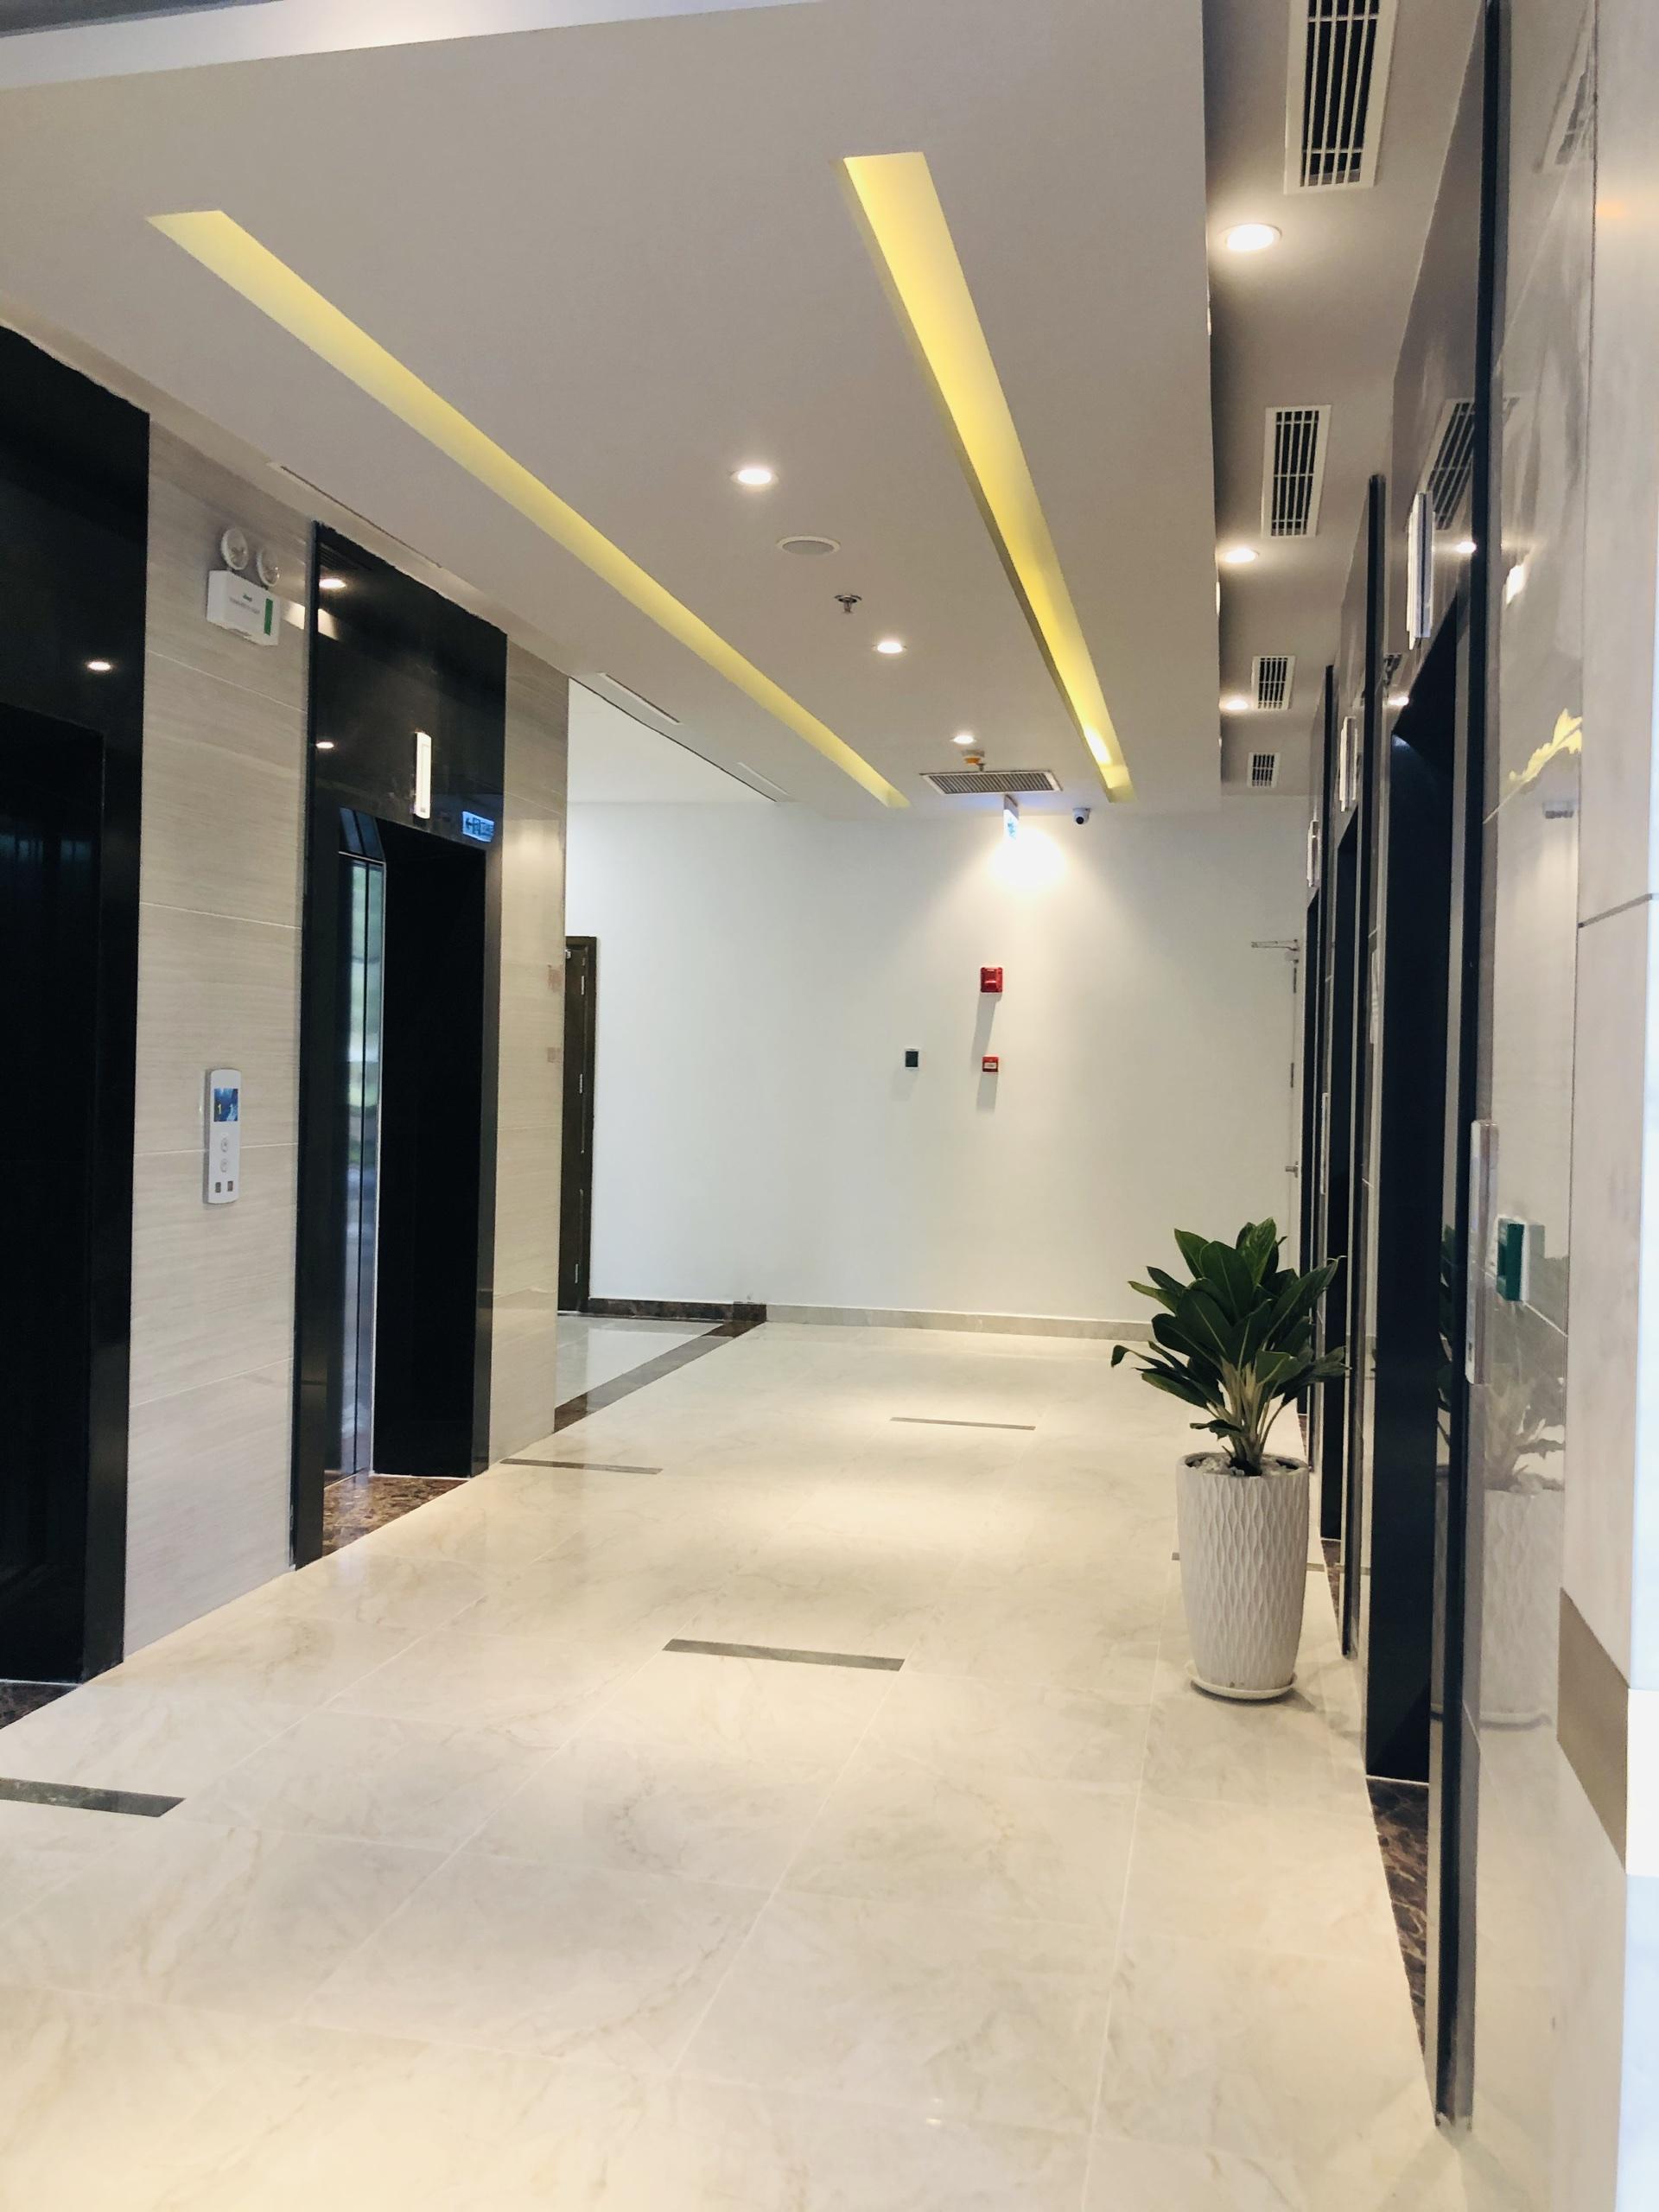 Nội thất thực tế bàn giao căn hộ Eco Green Sài Gòn Quận 7